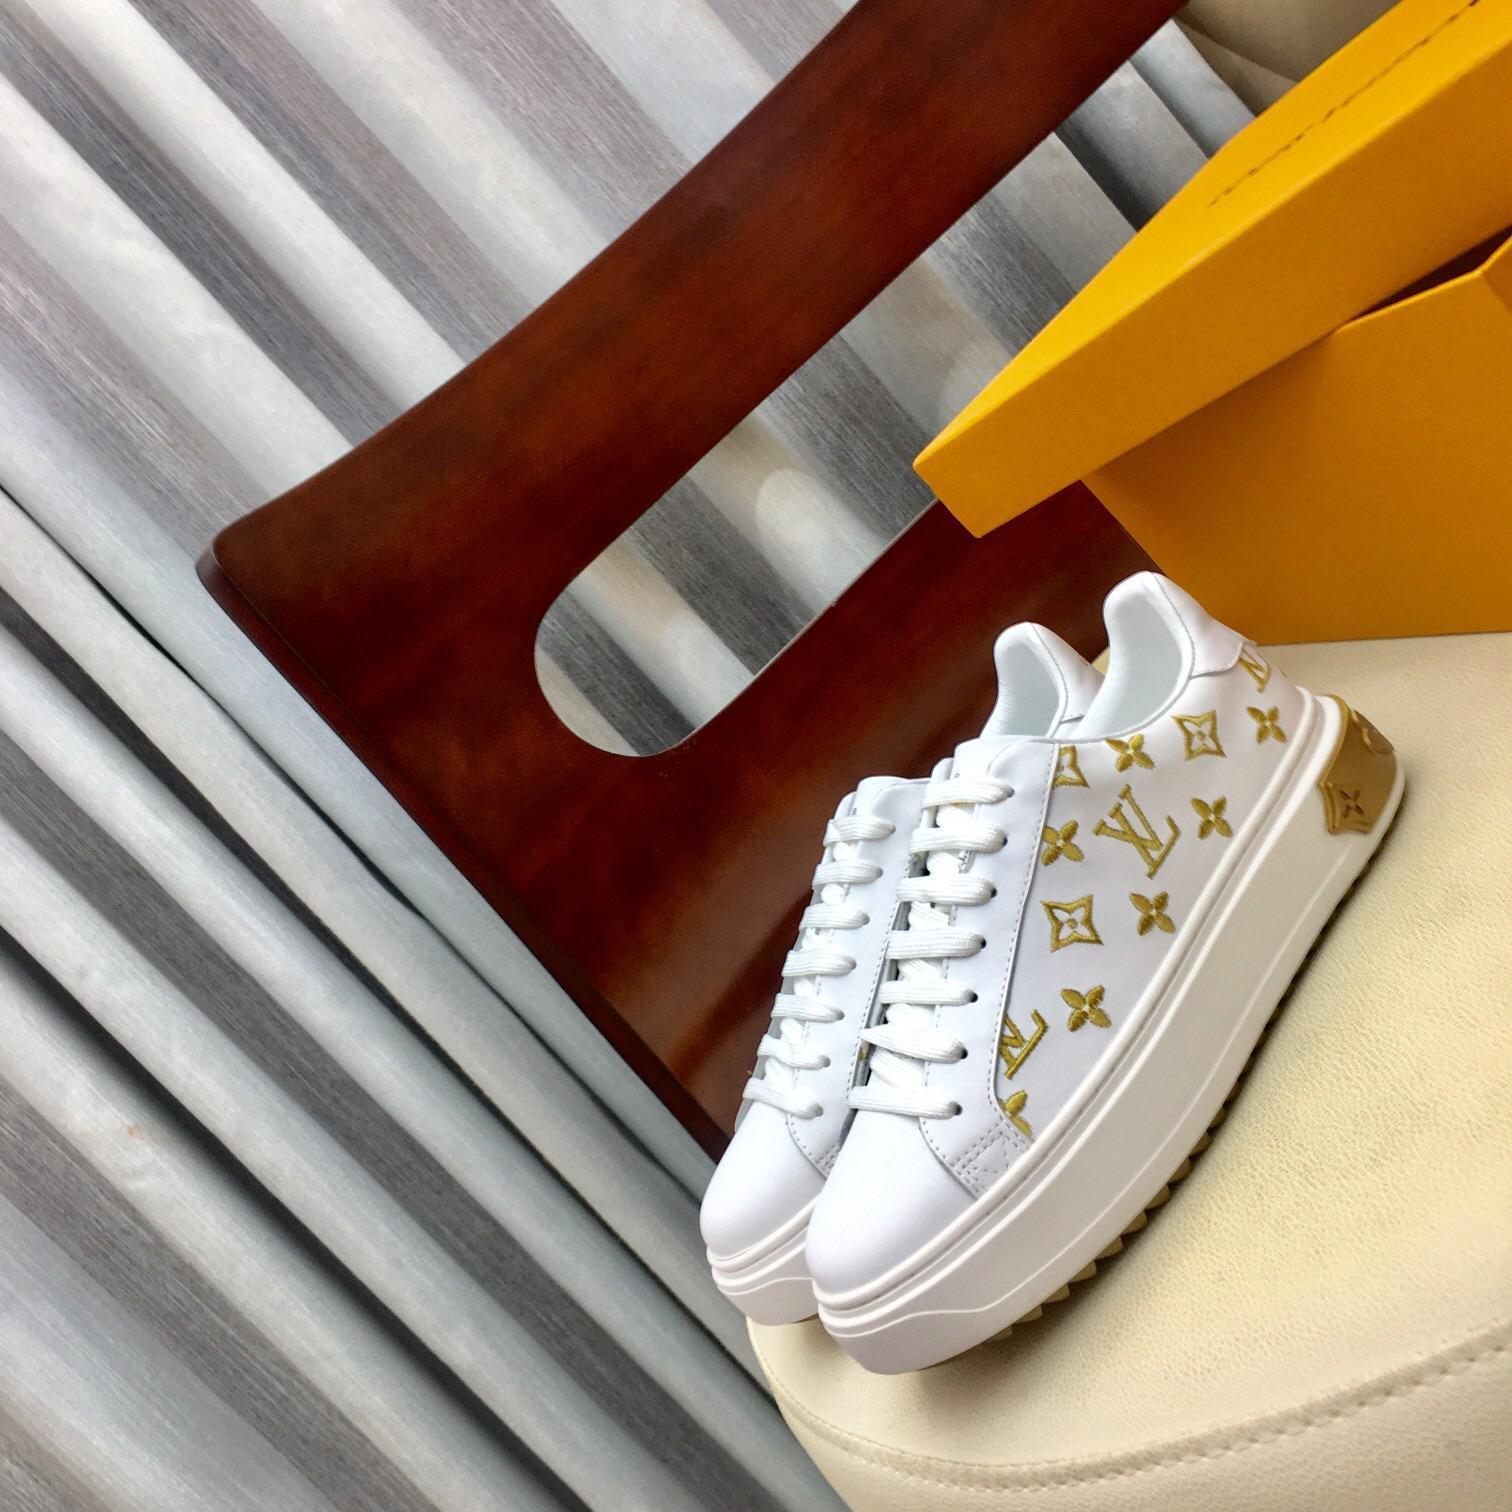 Mode Frauen Schuhe 2020 neue goldene Frauen Turnschuhe scasual Schuhe Plattform beiläufige hohe Qualität flache Frauenschuhe mit Kasten